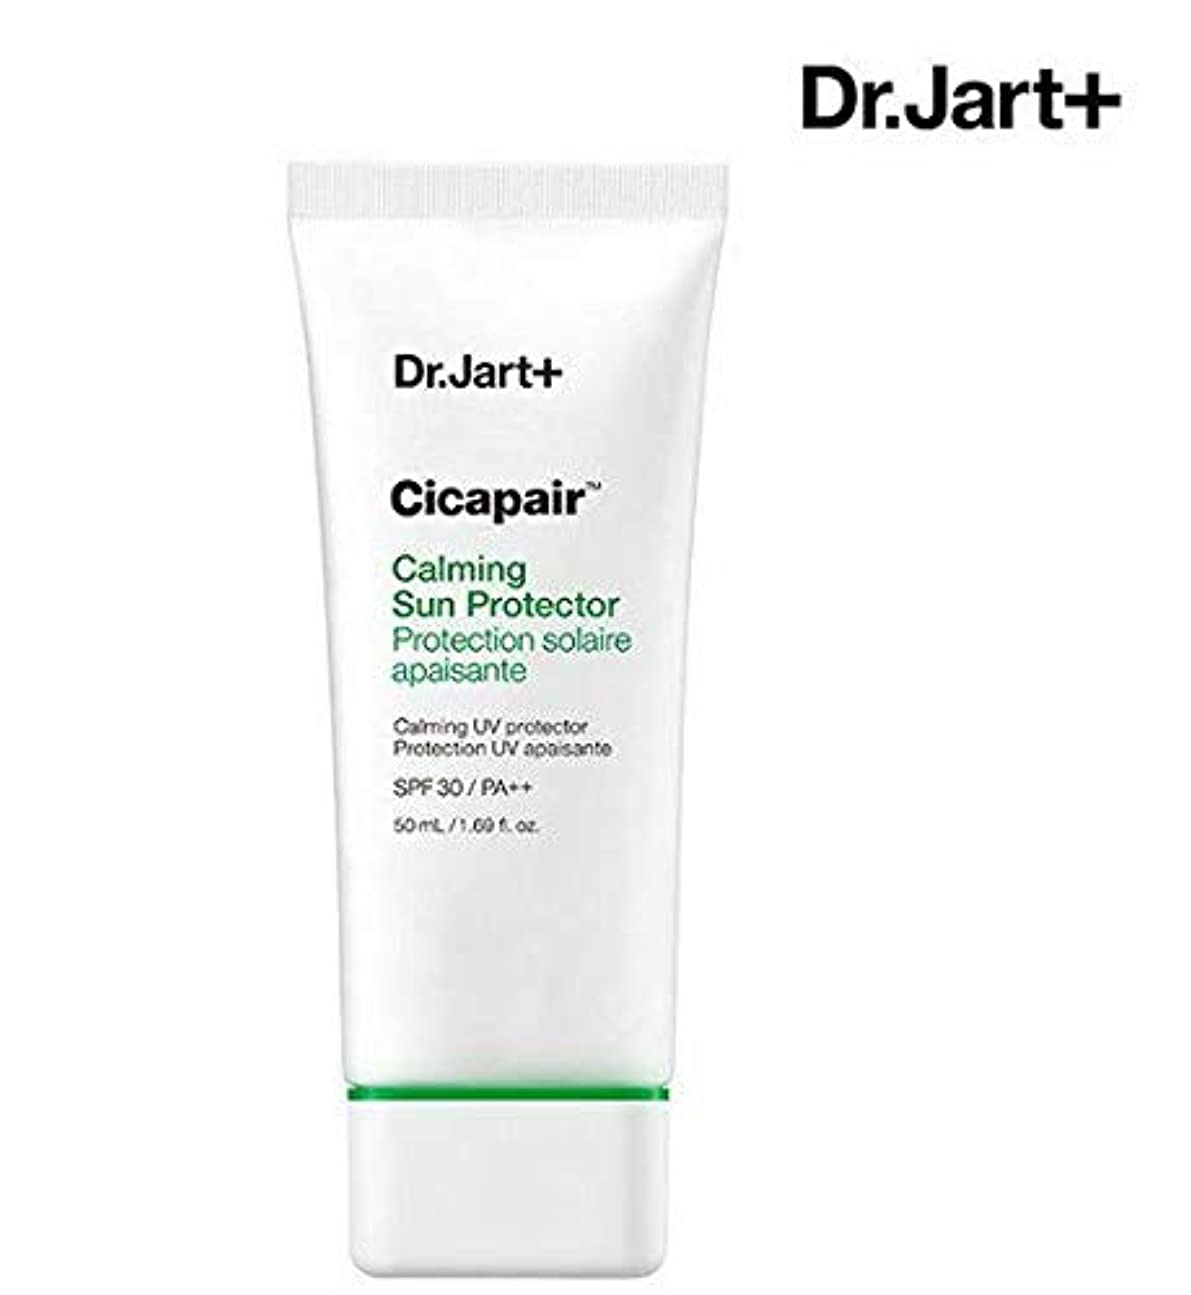 成人期群集債務[Dr.Jart+] Cicapair Calming Sun Protector 50ml / シカペアカミングサンプロテクター50ml [並行輸入品]